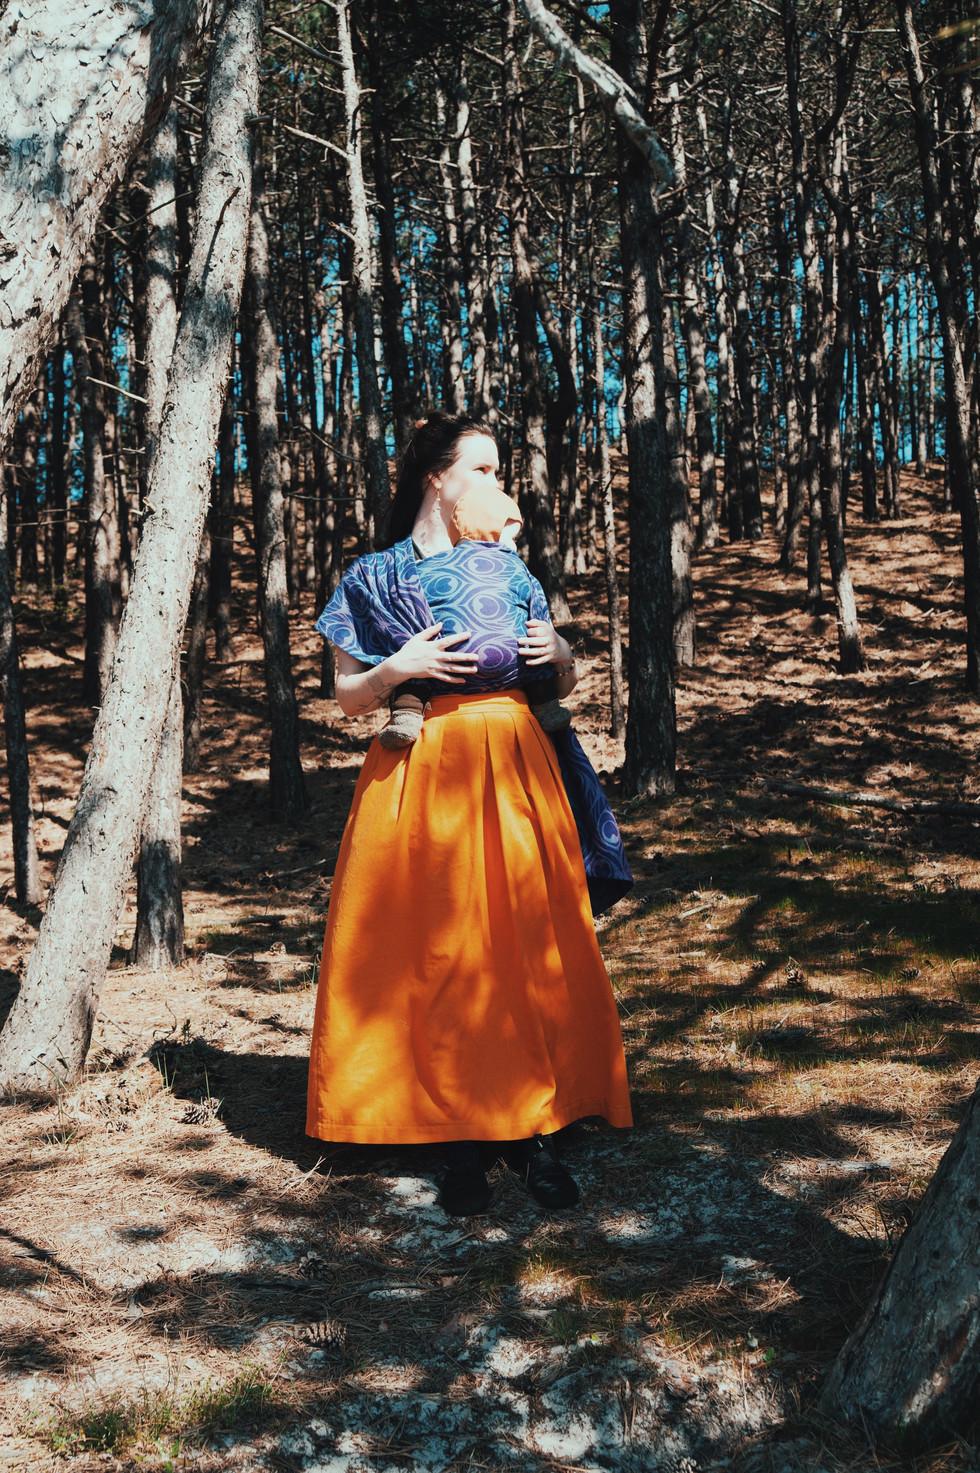 jeanique kats - womens skirt - 15.jpg